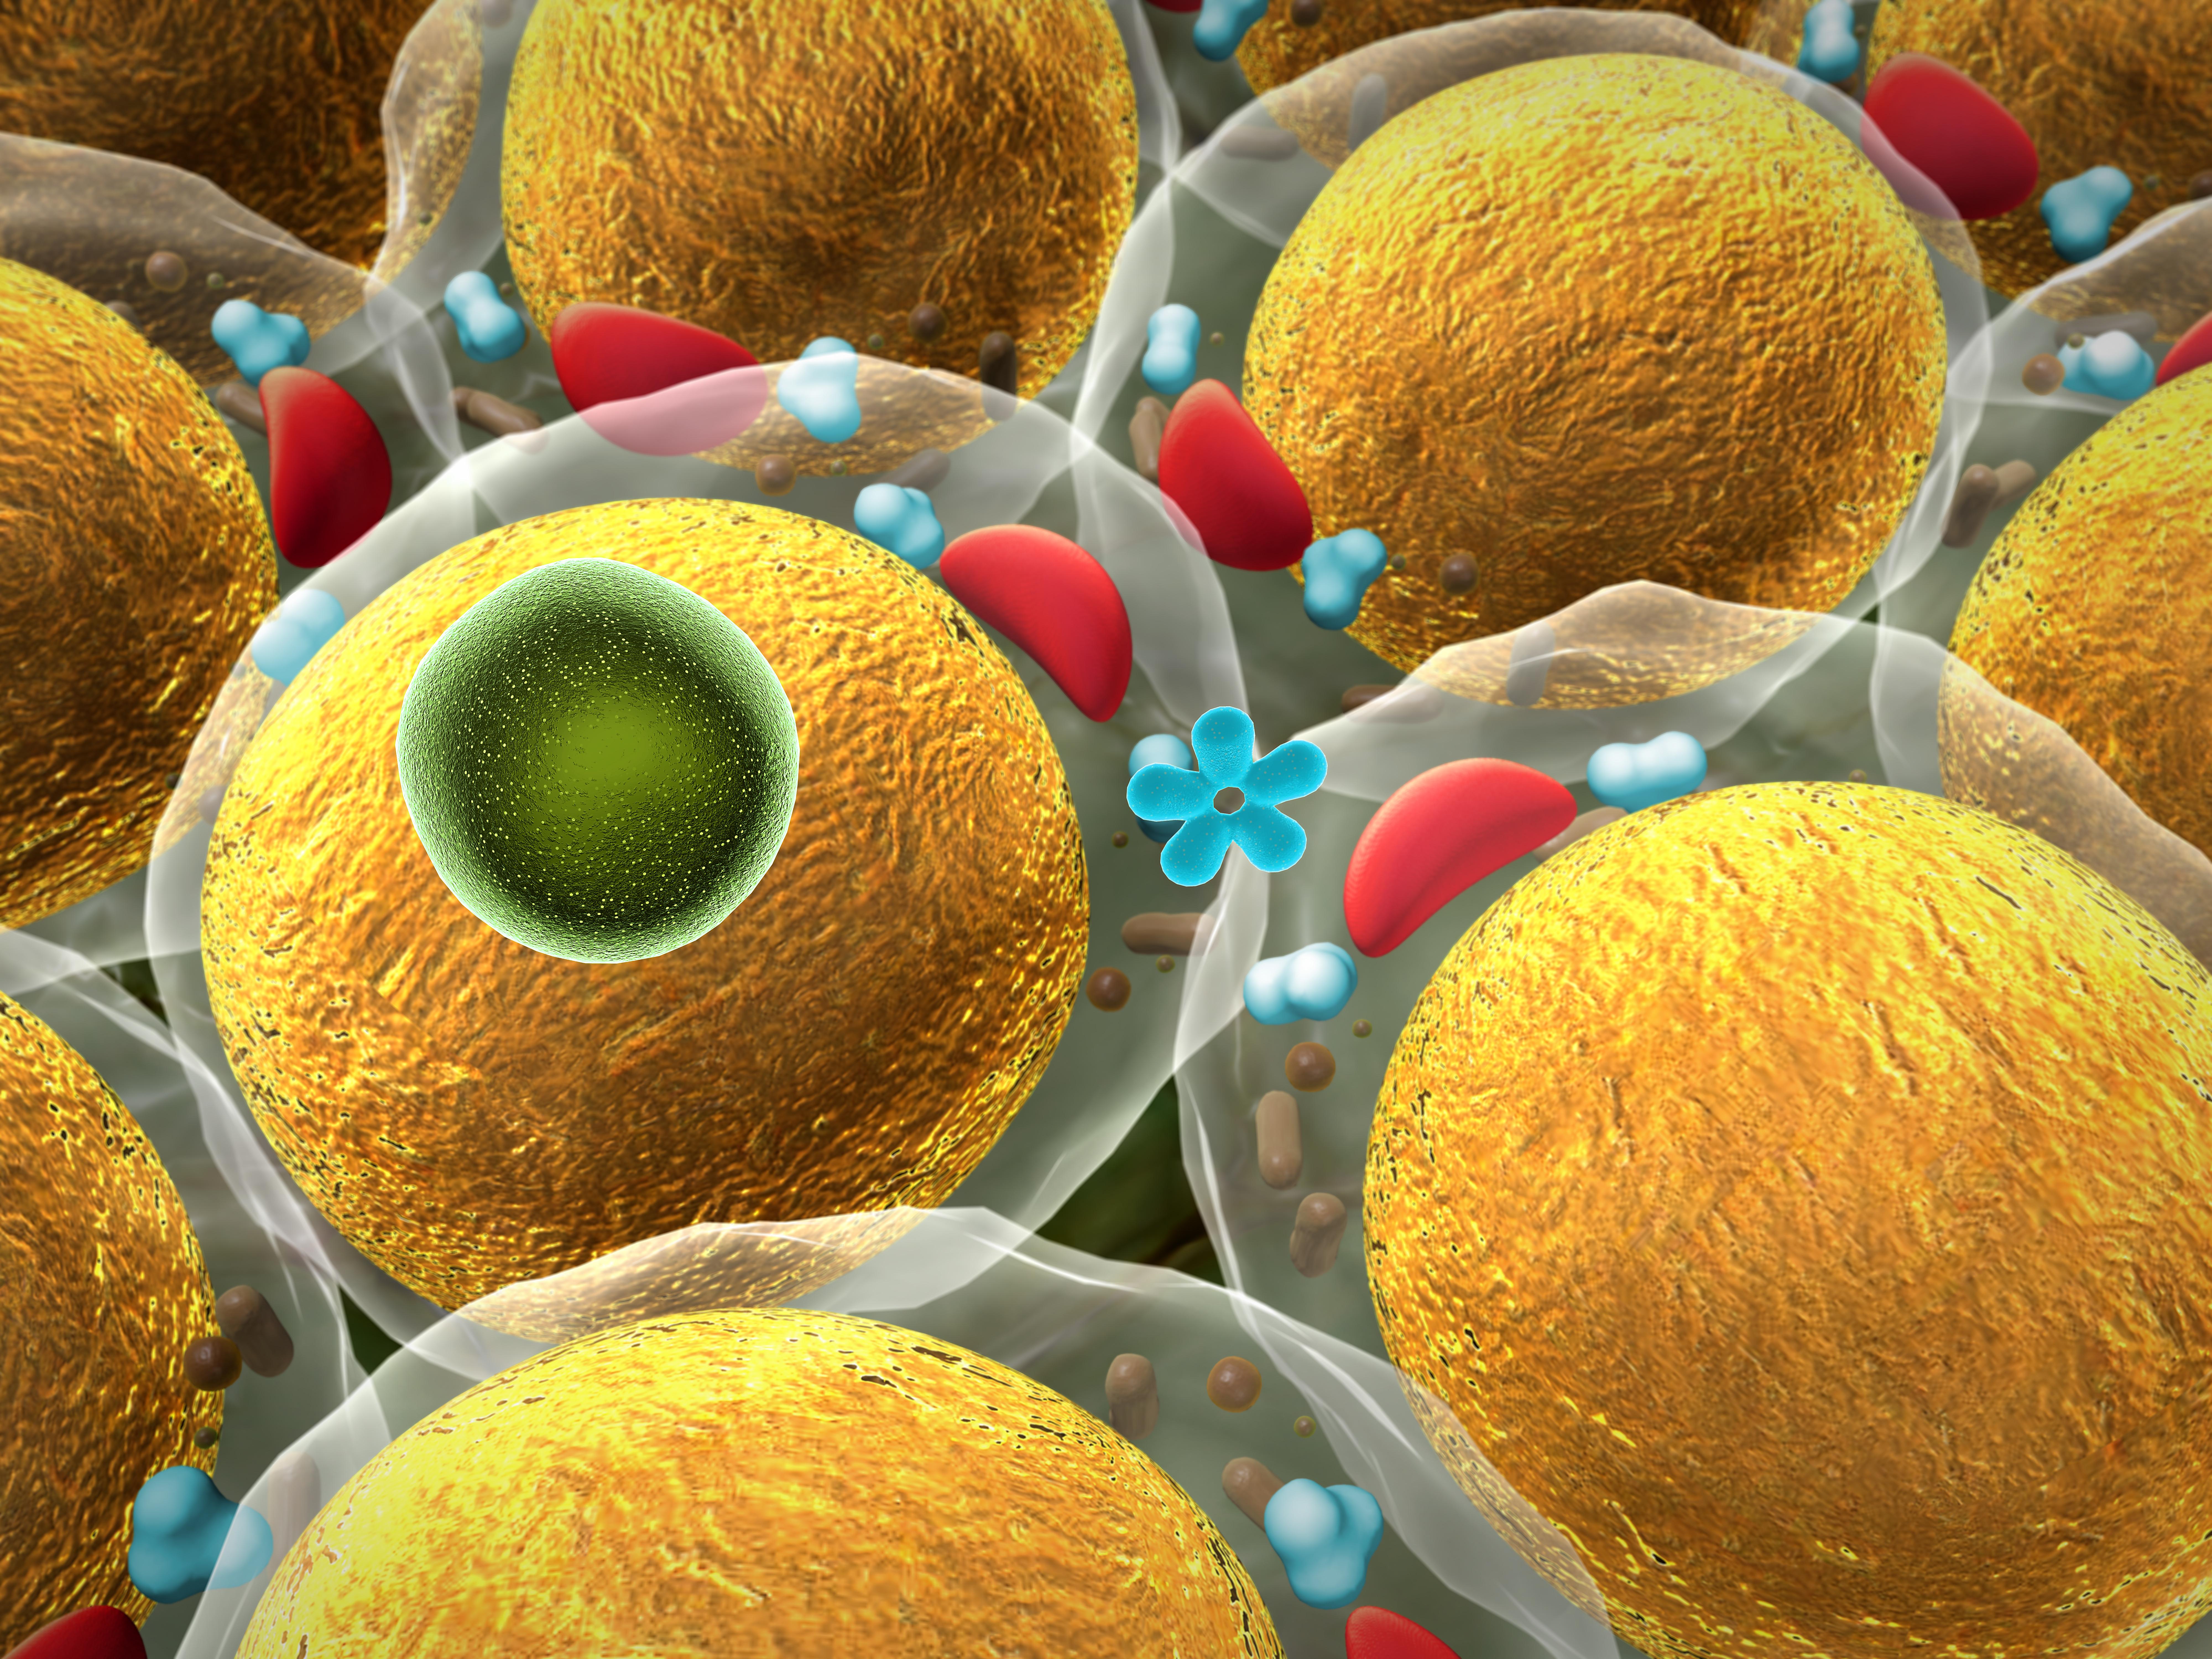 Les facteurs inflammatoires libérés par le tissu adipeux chez les patients COVID-19 peuvent être à l'origine de dommages au cœur, aux poumons et au système nerveux (Visuel Adobe Stock 71317843)